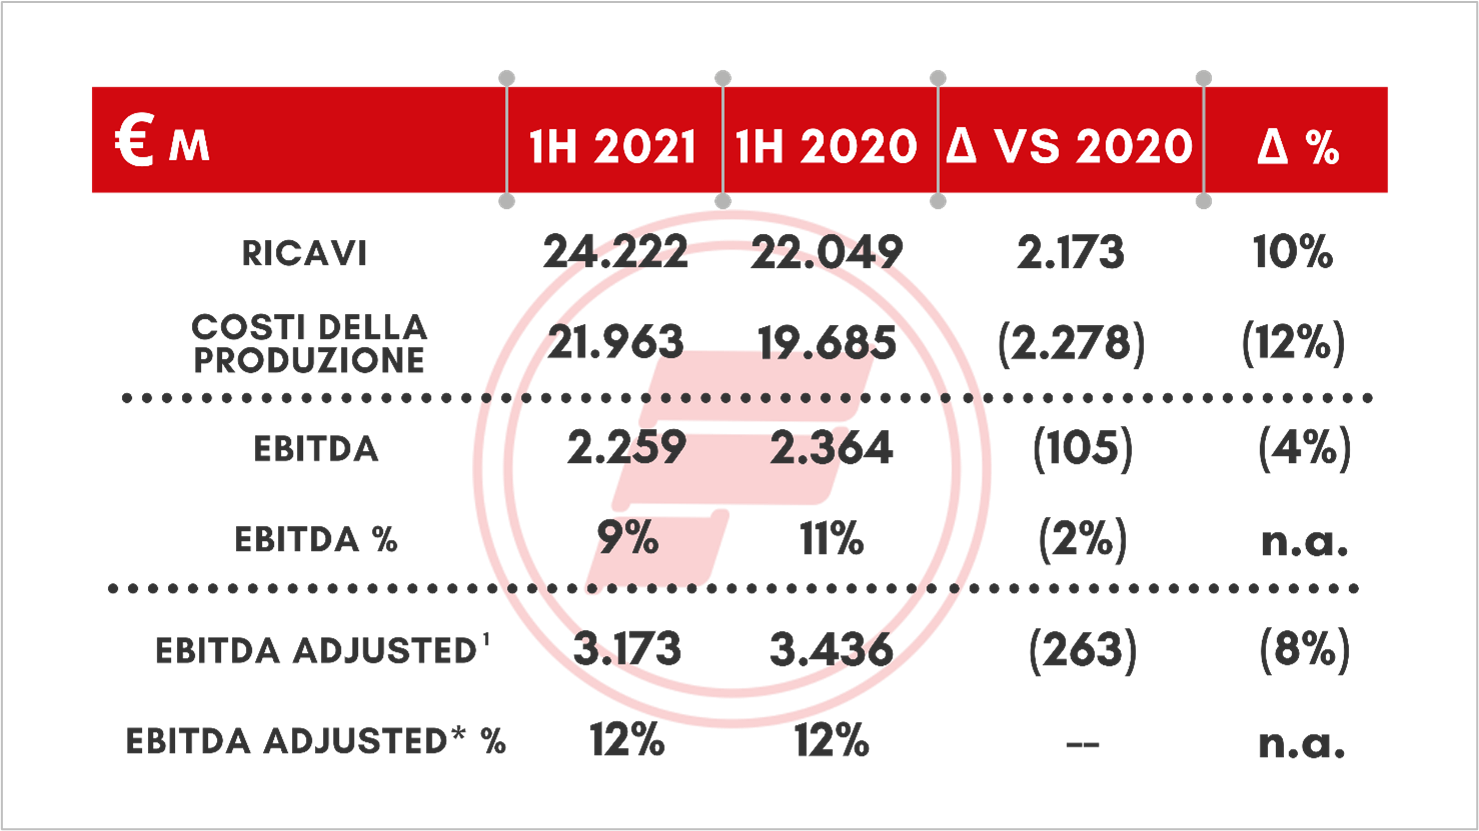 risultato btc 2021 2 ° semestre)